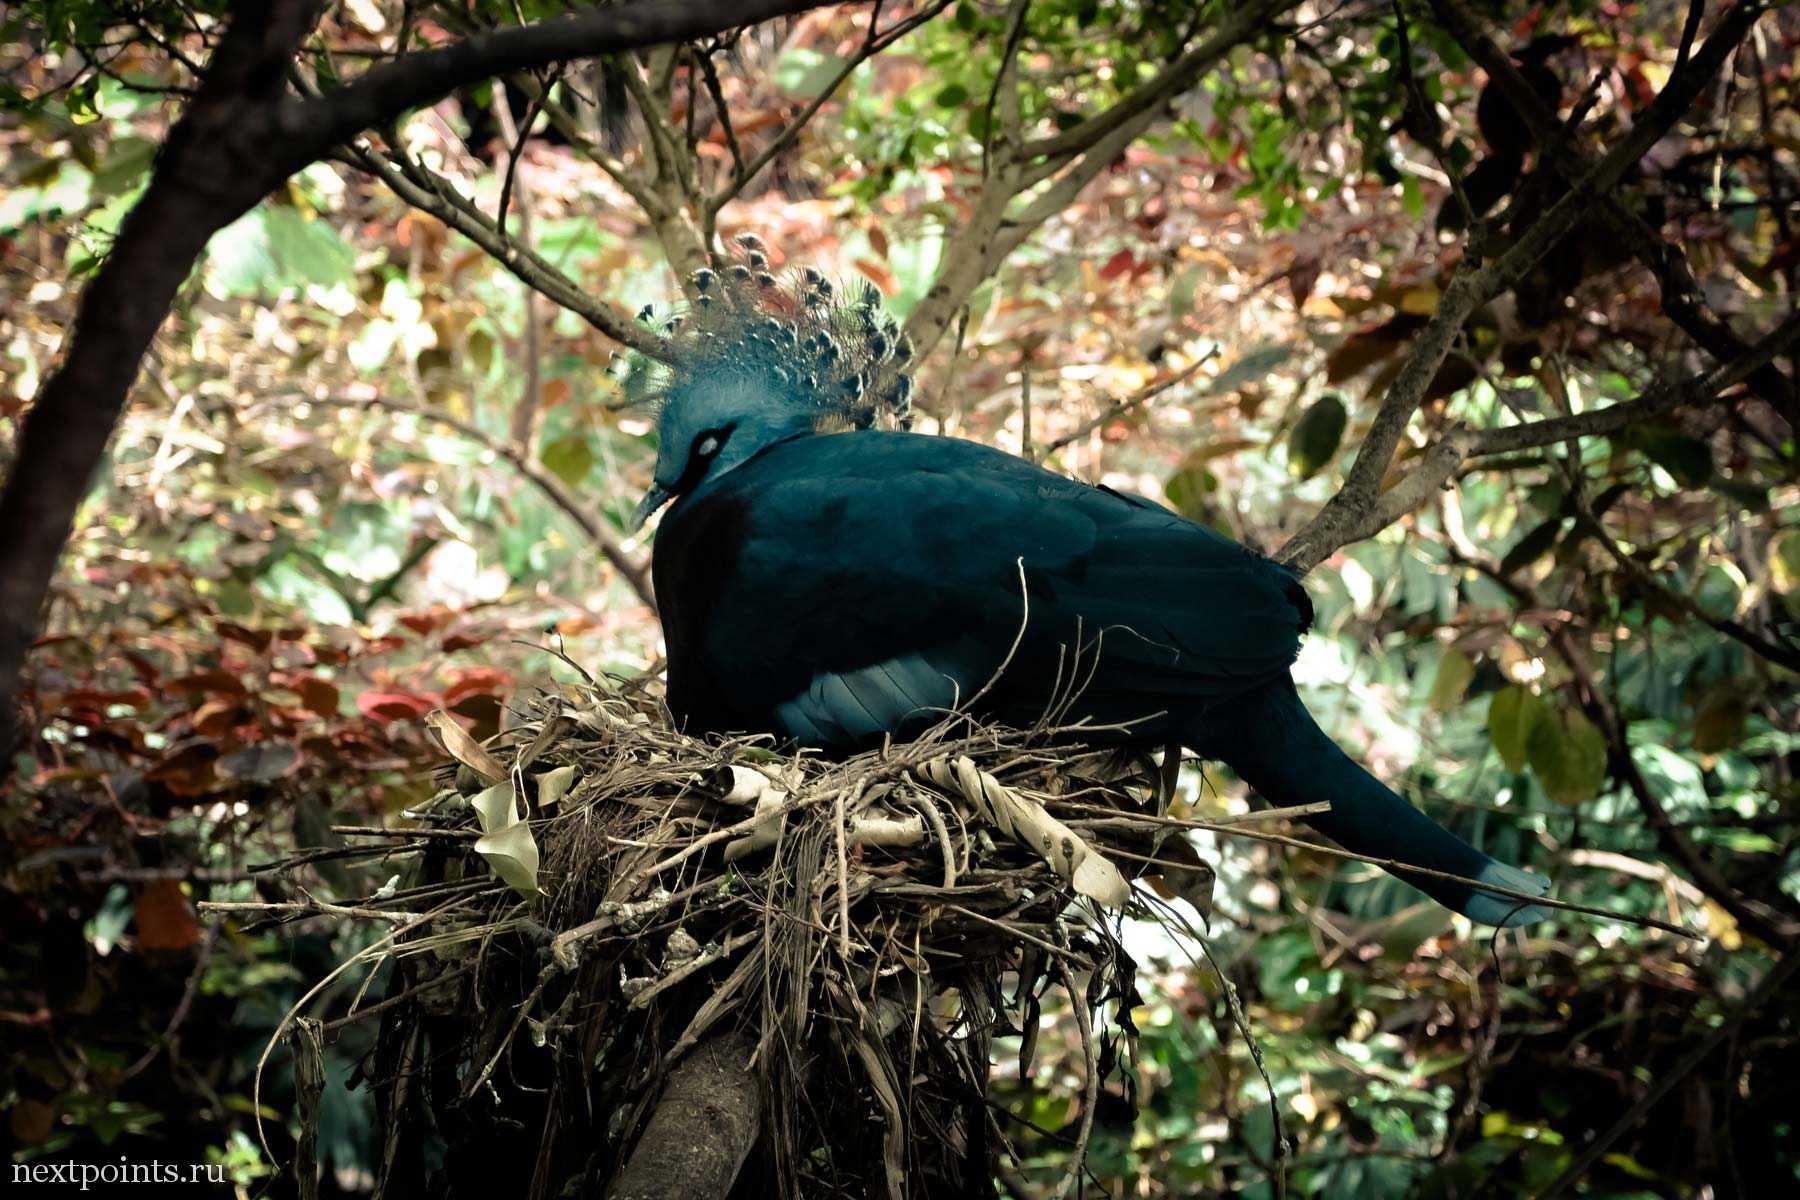 Венценосный голубь спит в Лоро Парке